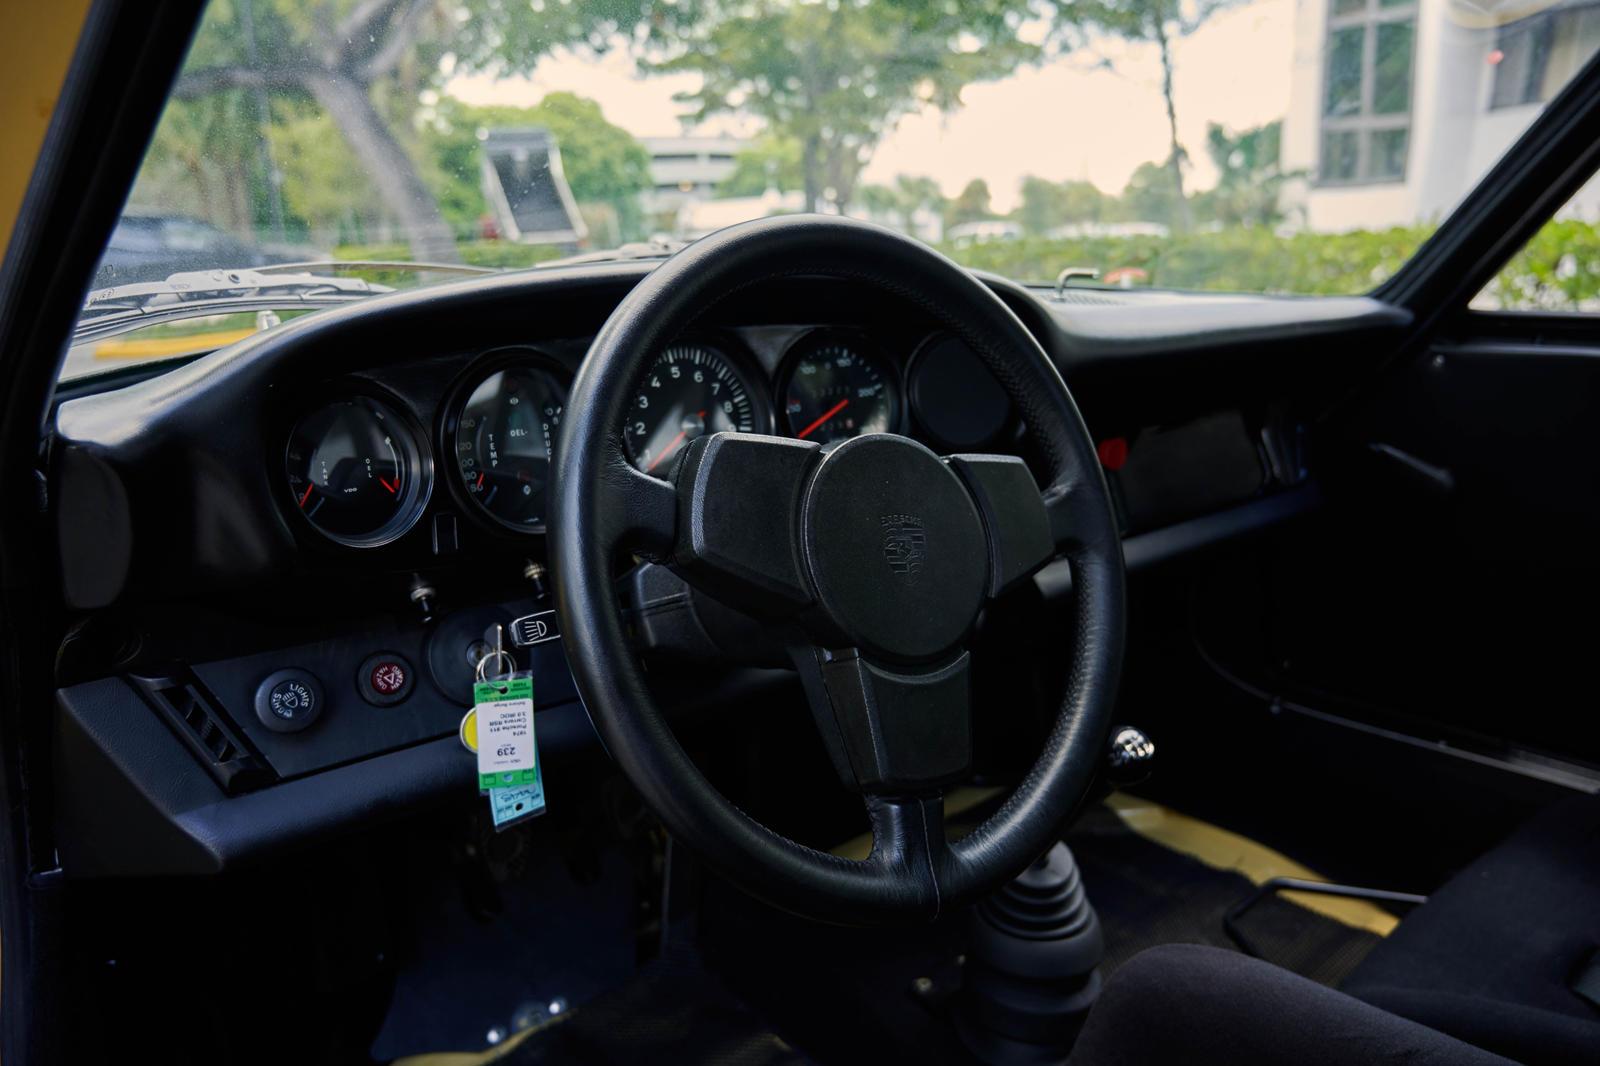 Как и любой IROC RSR, он может похвастаться набором широких пятипяточных легкосплавных дисков Fuchs, 3,0-литровым шестицилиндровым двигателем с воздушным охлаждением и механической коробкой передач. В листинге говорится, что этот конкретный экземпляр